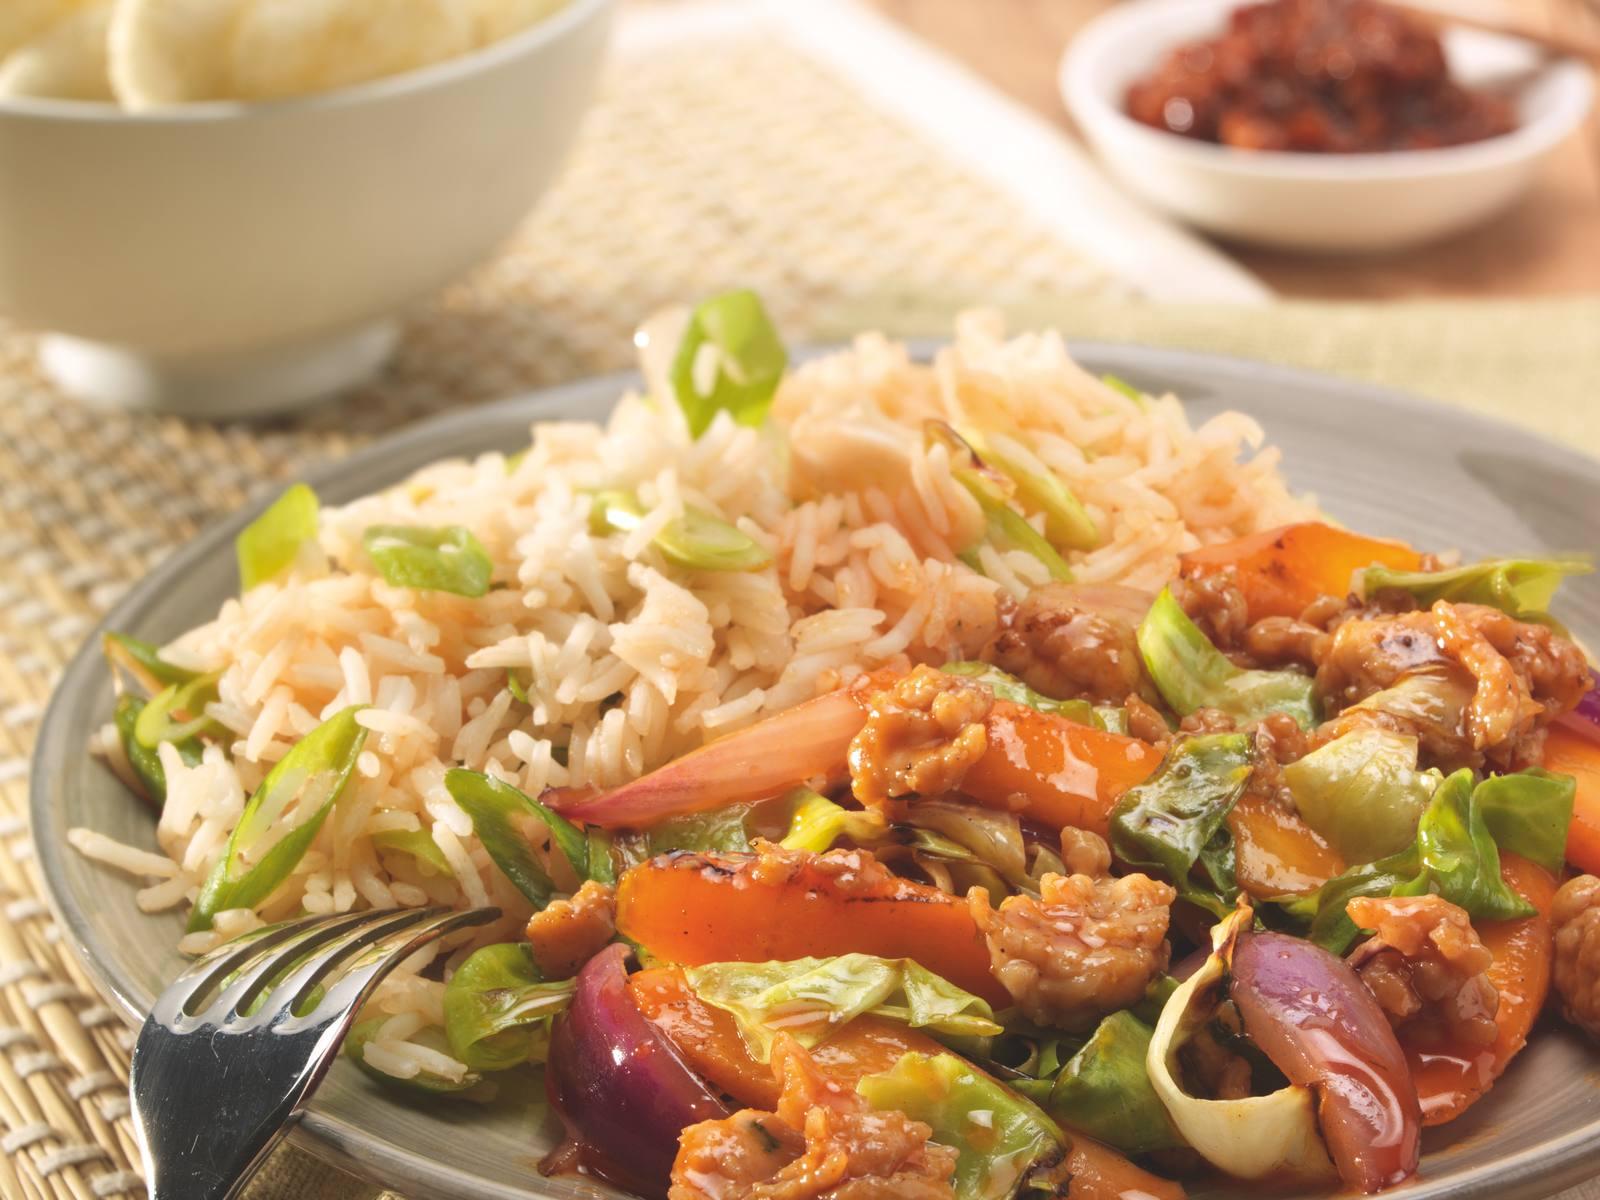 Sweet & Sour wokgroenten met gehakt en rijstsalade